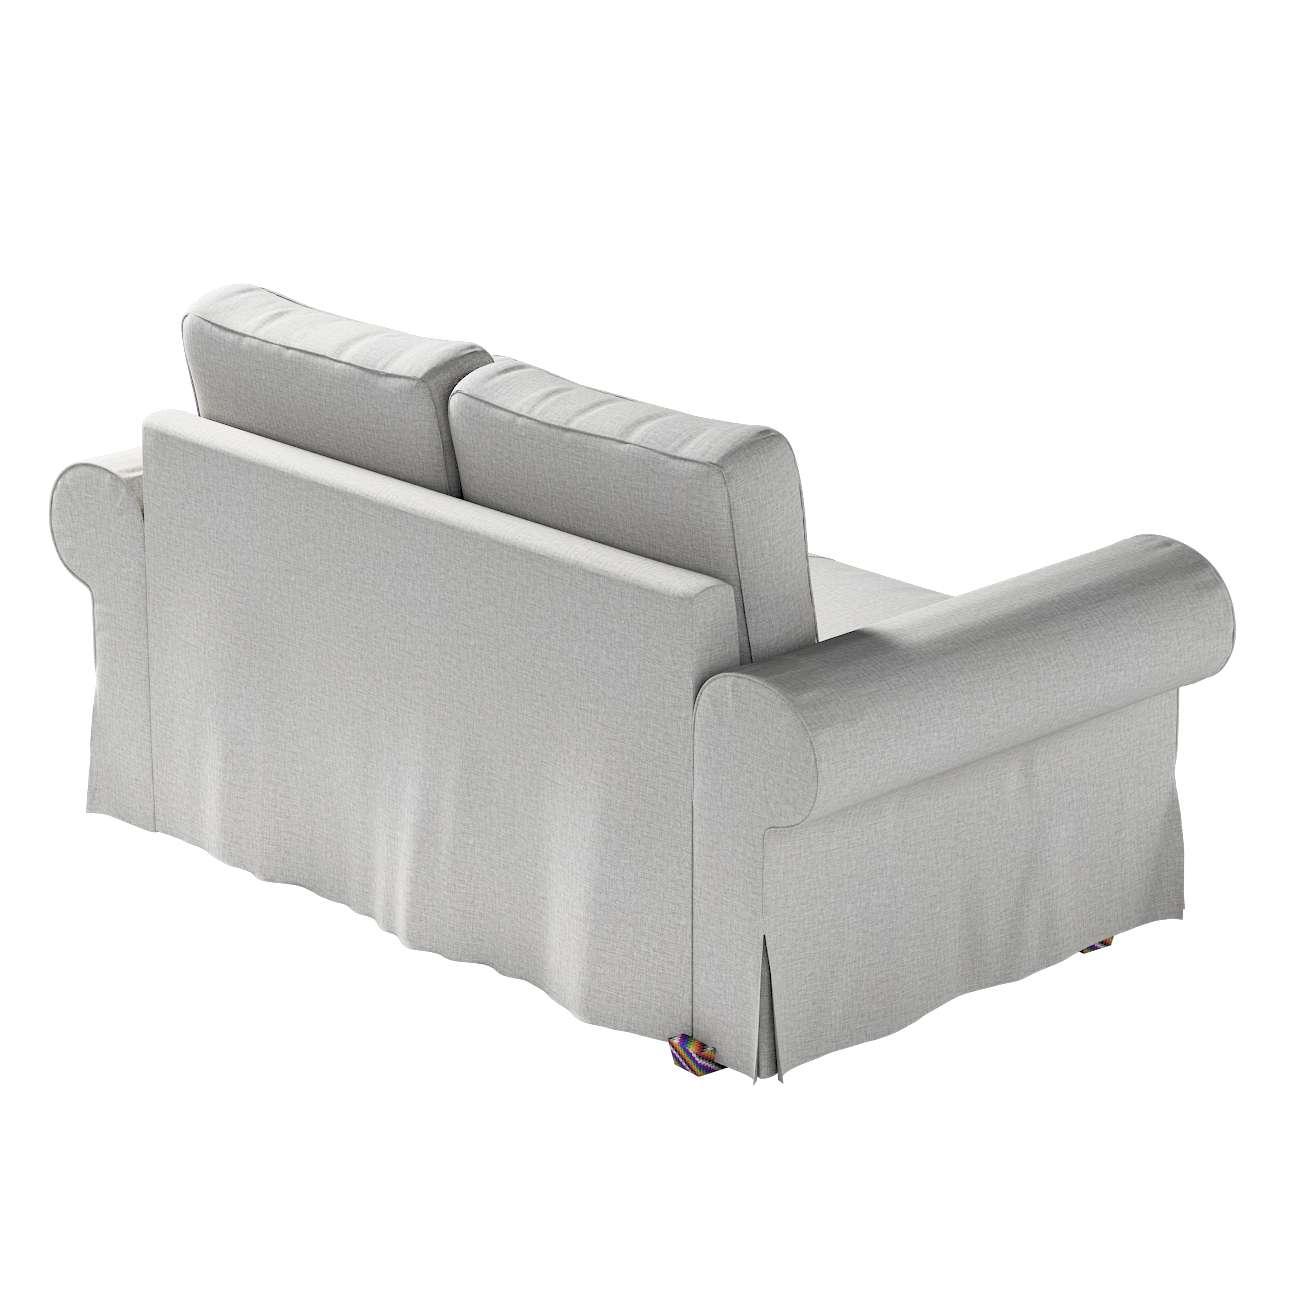 Backabro 2-Sitzer Sofabezug nicht ausklappbar von der Kollektion Living, Stoff: 160-89